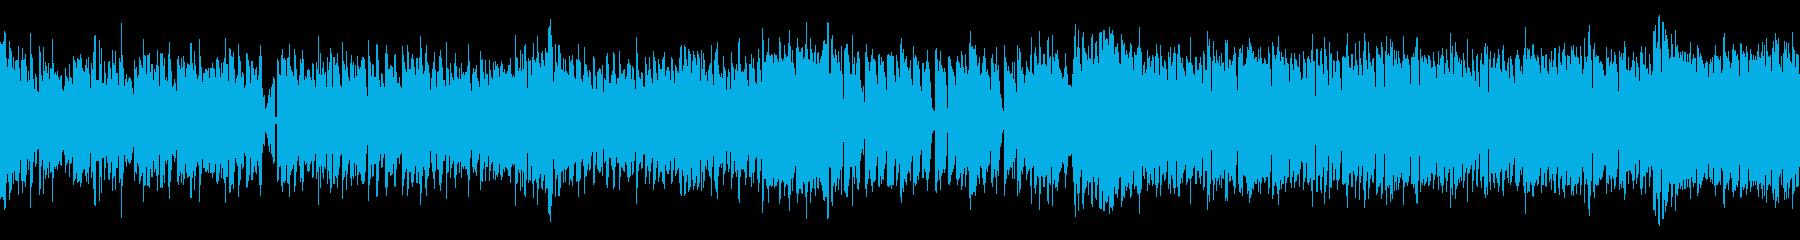 ノリノリ 明るいトランスっぽい曲 ループの再生済みの波形